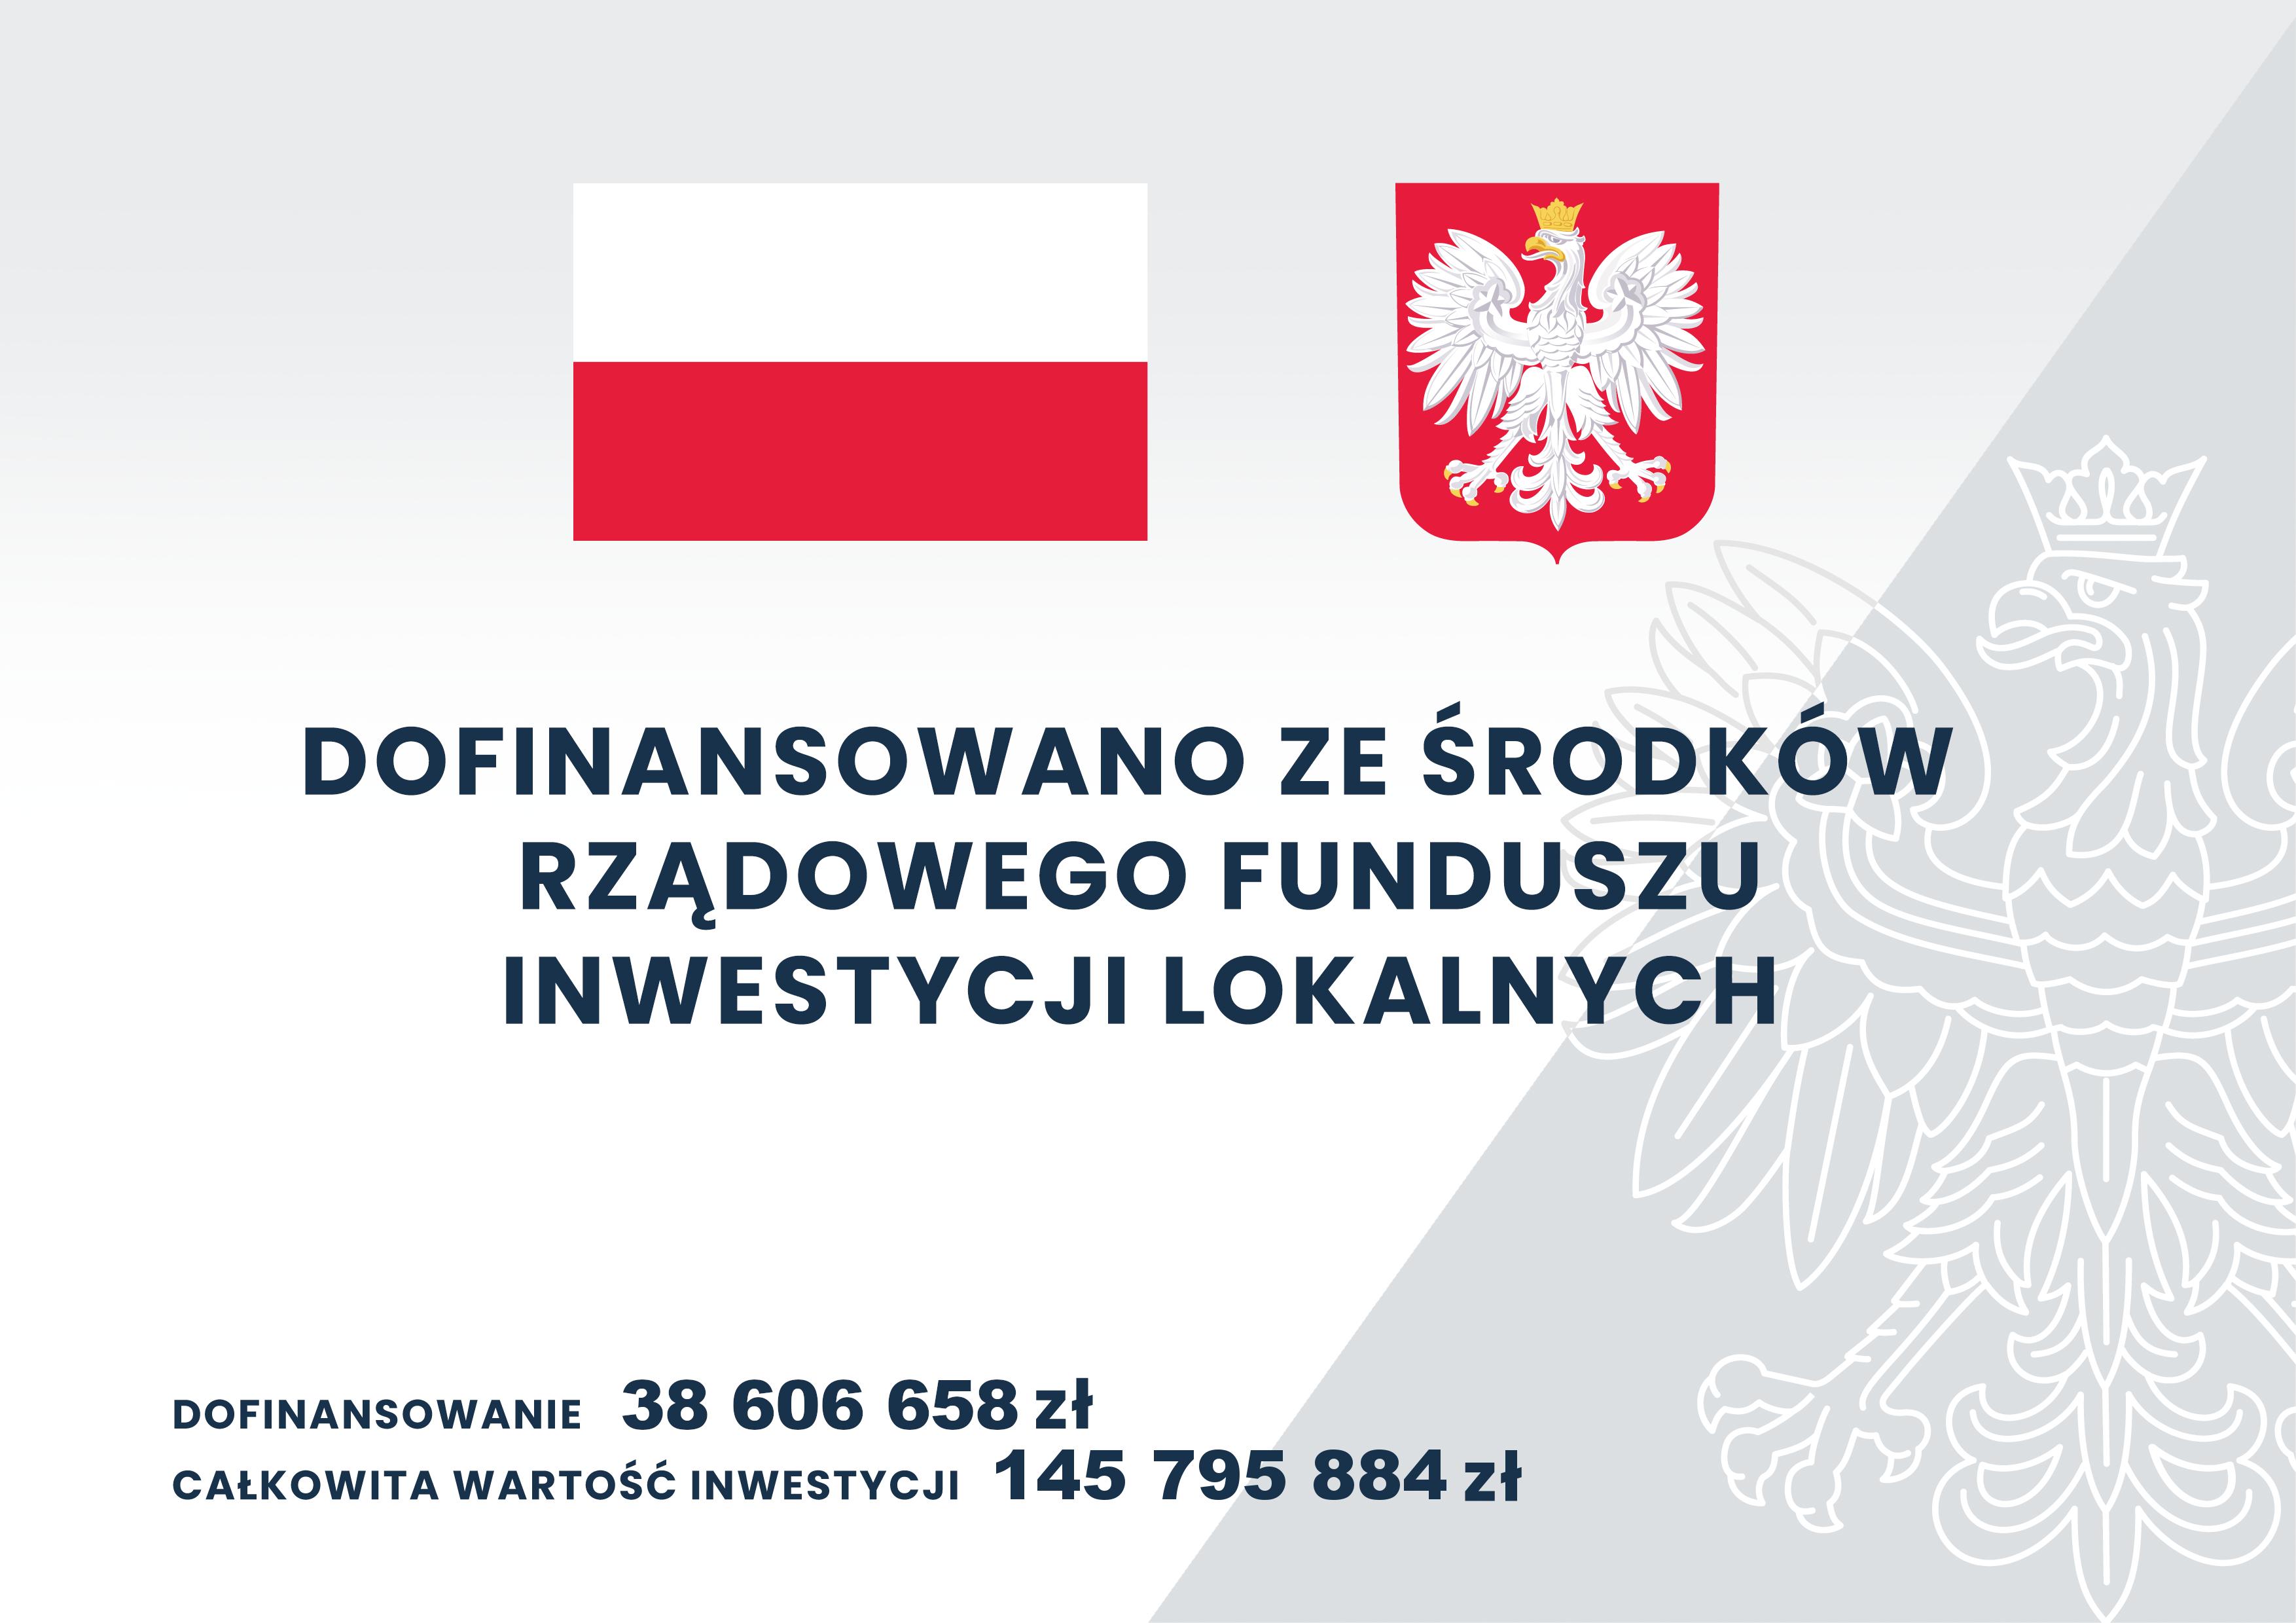 Rządowy Fundusz Inwestycji Lokalnych logo